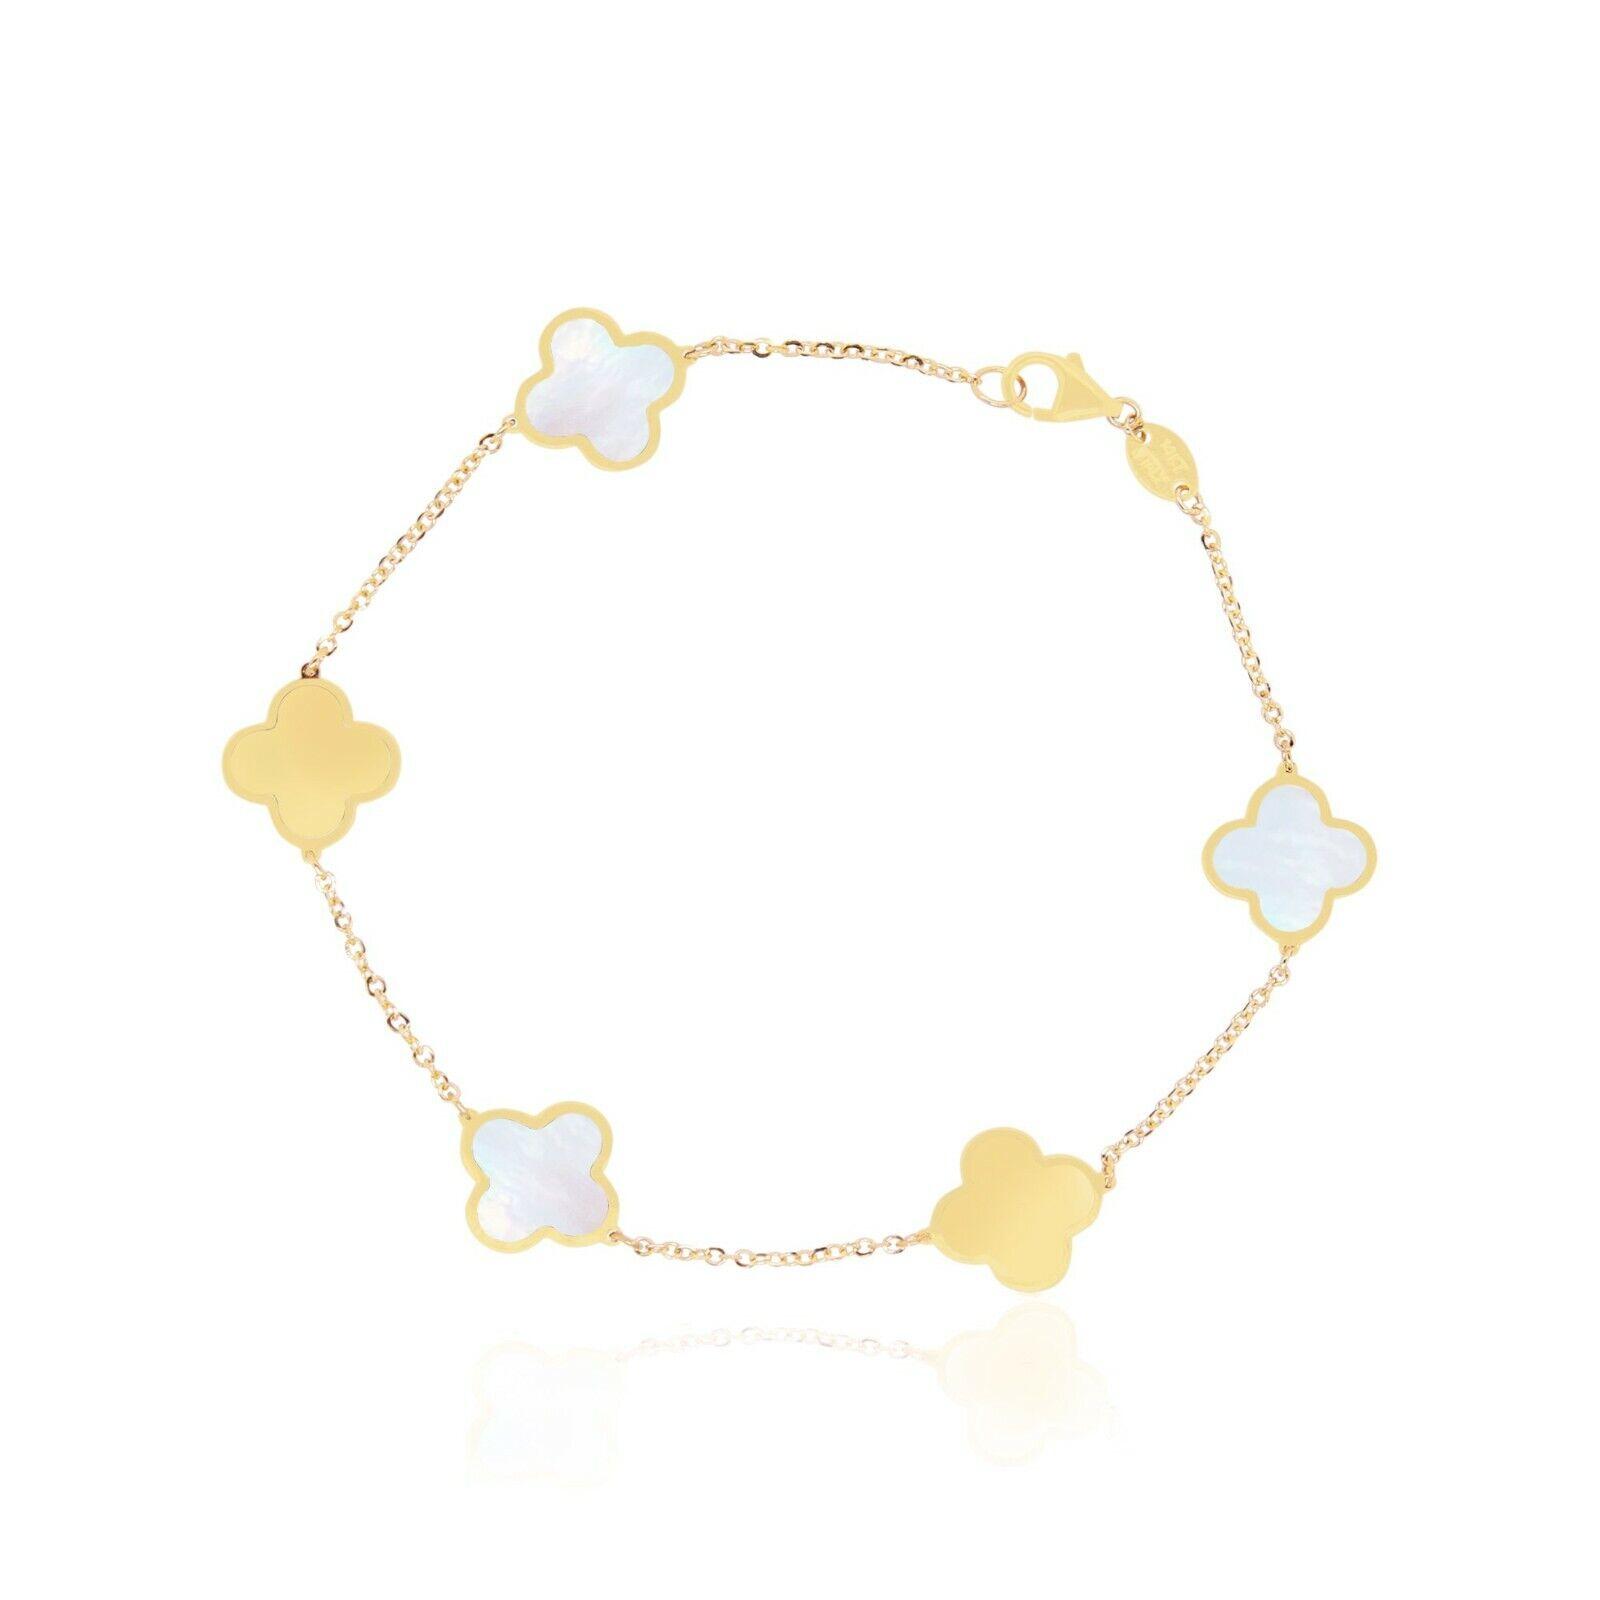 14kt Yellow Gold Clover Bracelet in Variety of Gems, Women Gold Bracelet B100 3